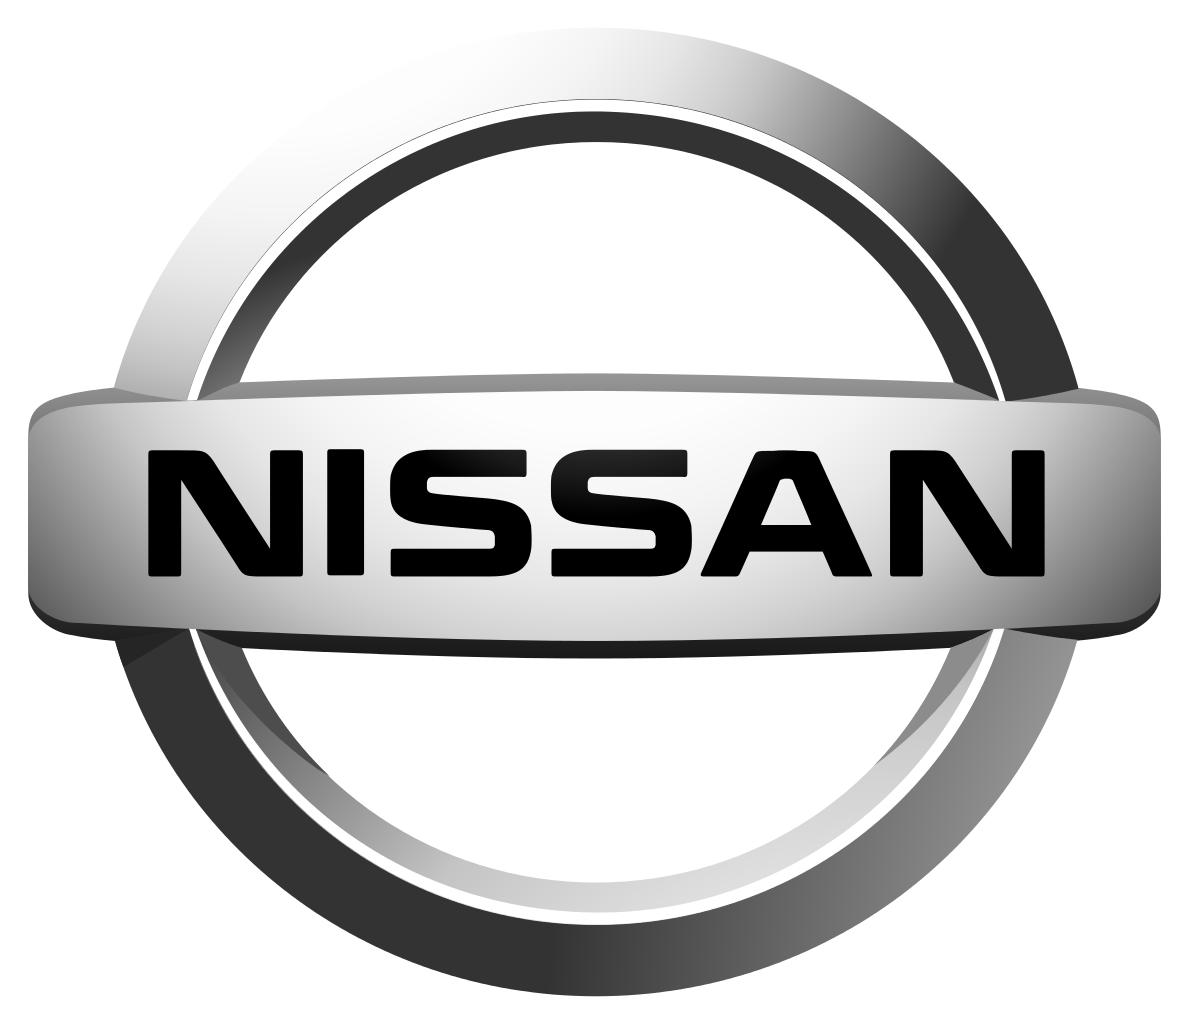 nissan-logo_svg.png